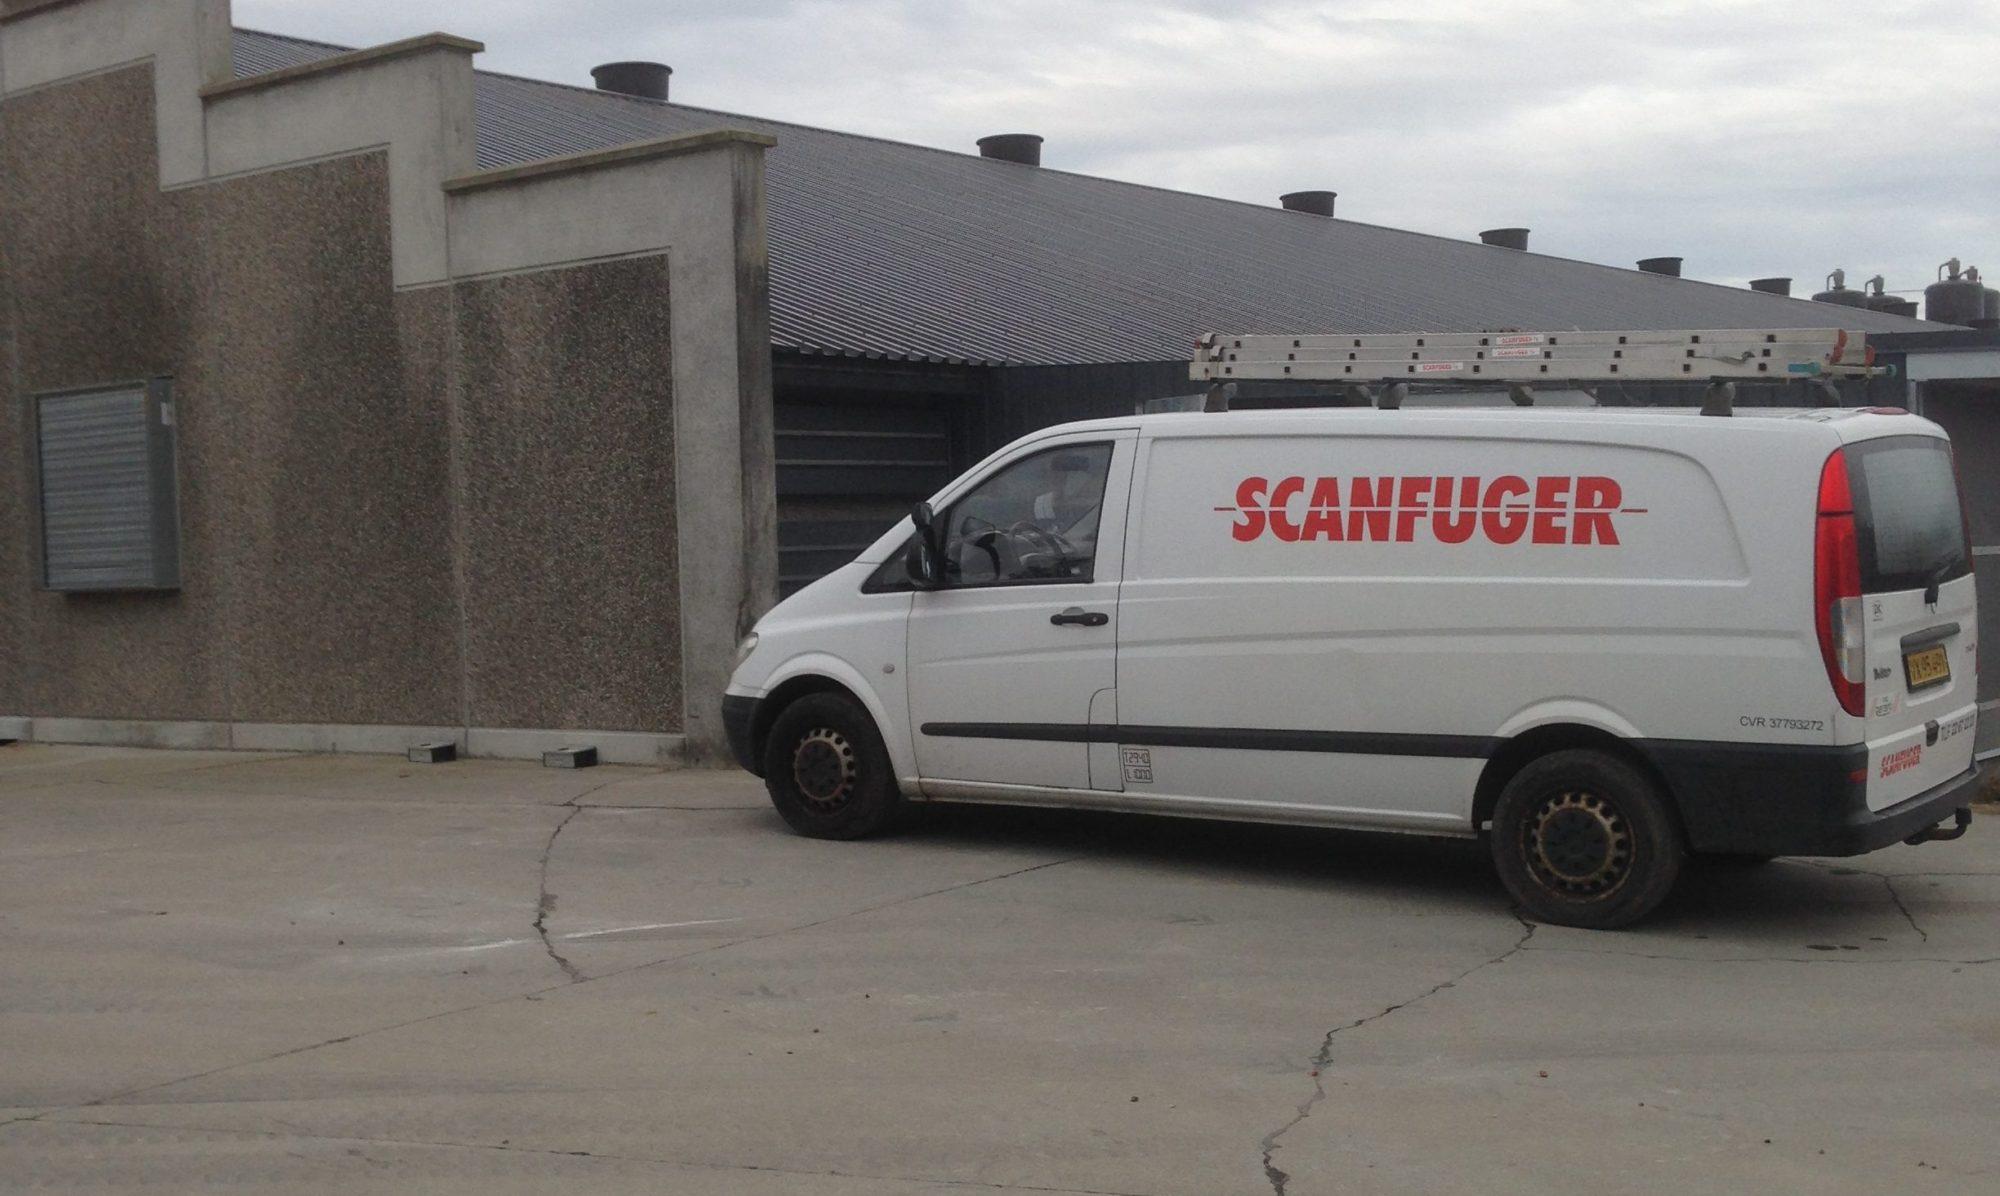 Scanfuger